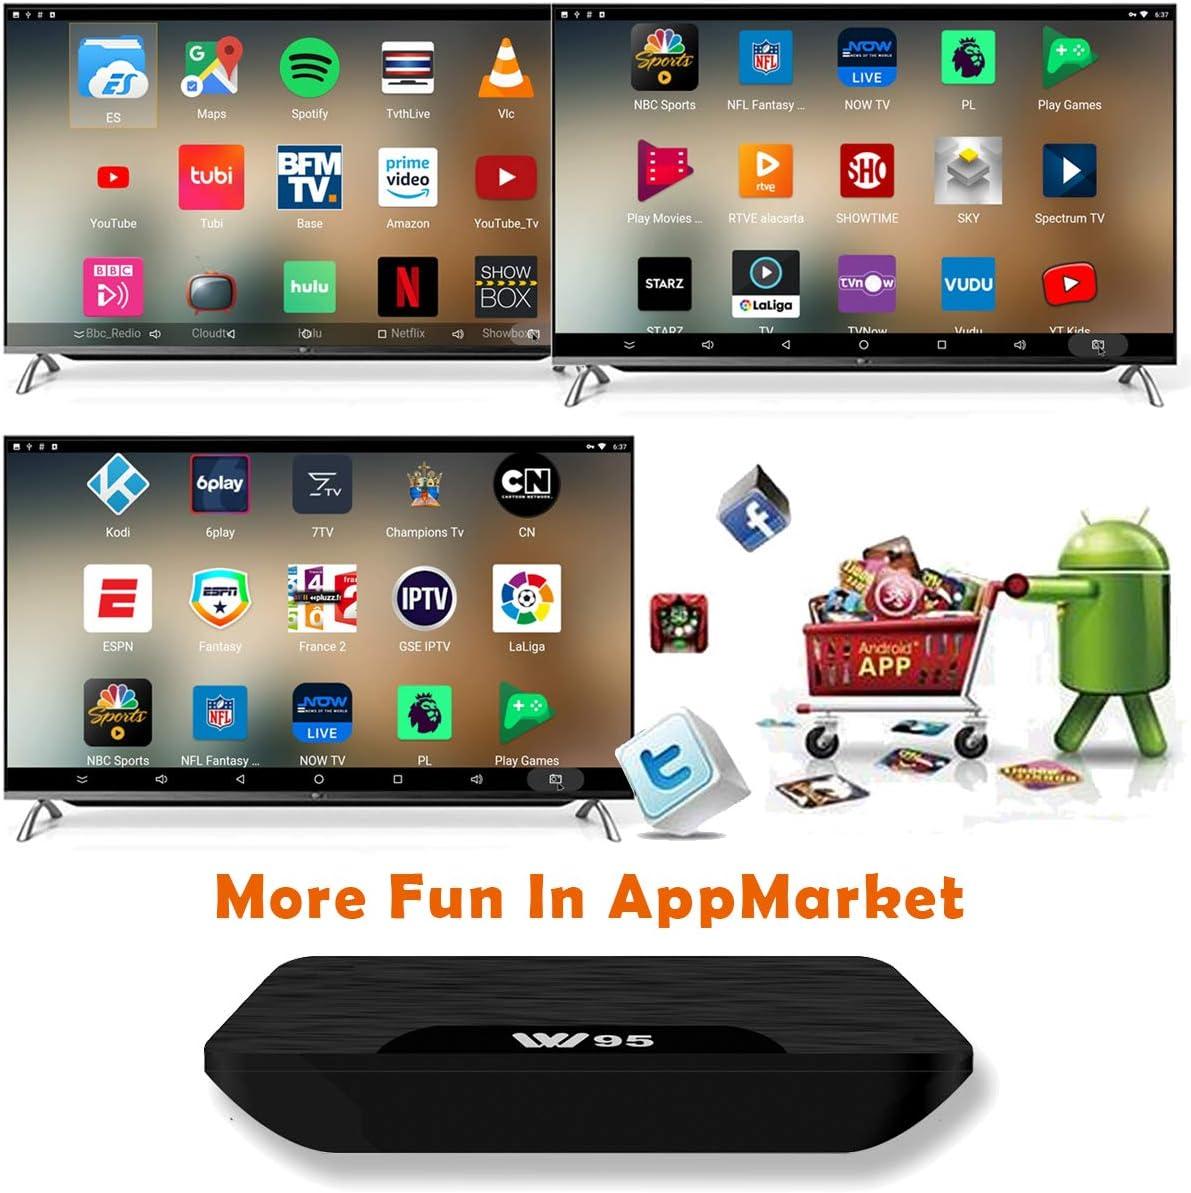 USB HDMI WiFi Lecteur Multim/édia pour Divertissement /à Domicile 2Go RAM /& 16Go ROM 4K UHD H.265 TV Box Android 7.1 VIDEN W2 Smart TV Box Derni/ère Amlogic S905X Quad-Core Version am/élior/ée